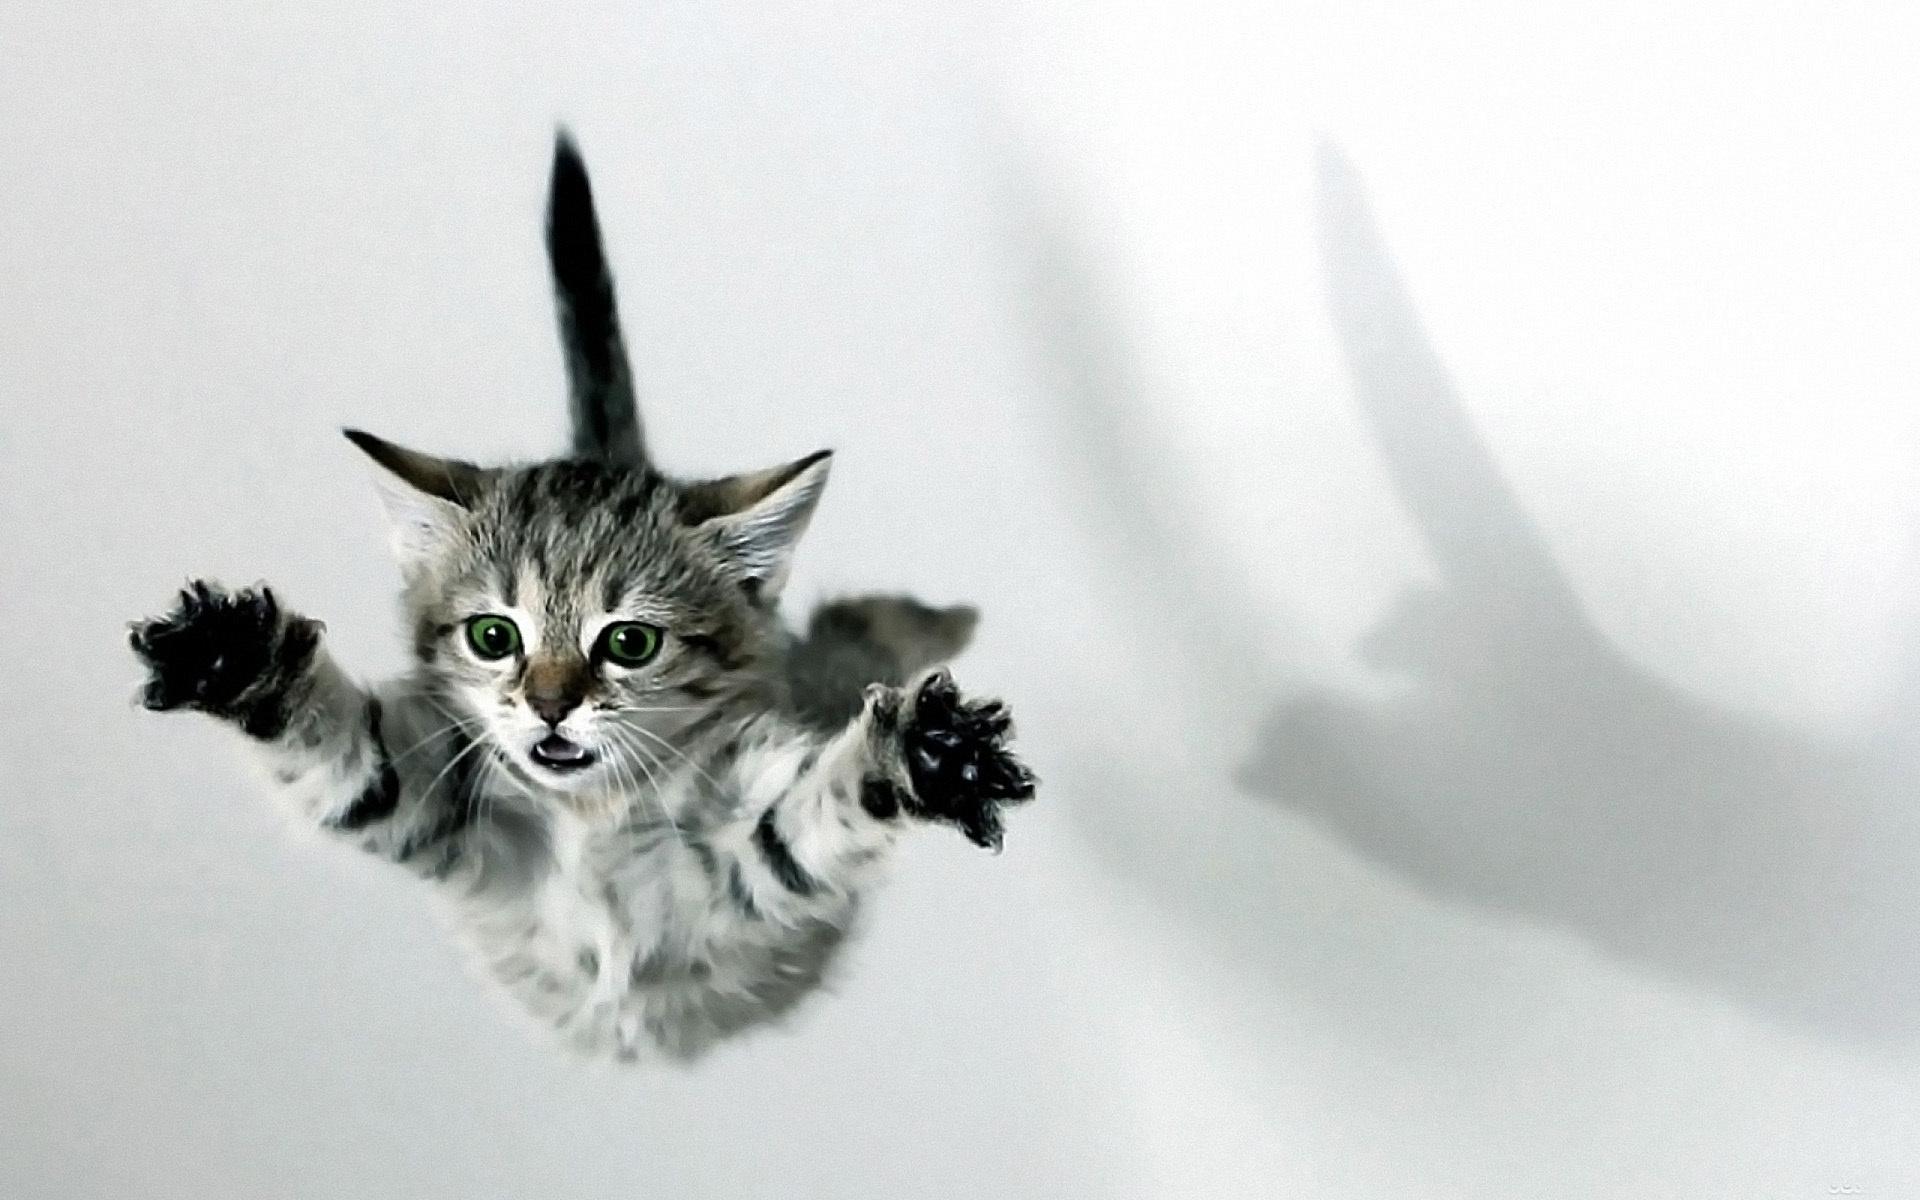 Строят гнезда, прикольные картинки с кошками привет